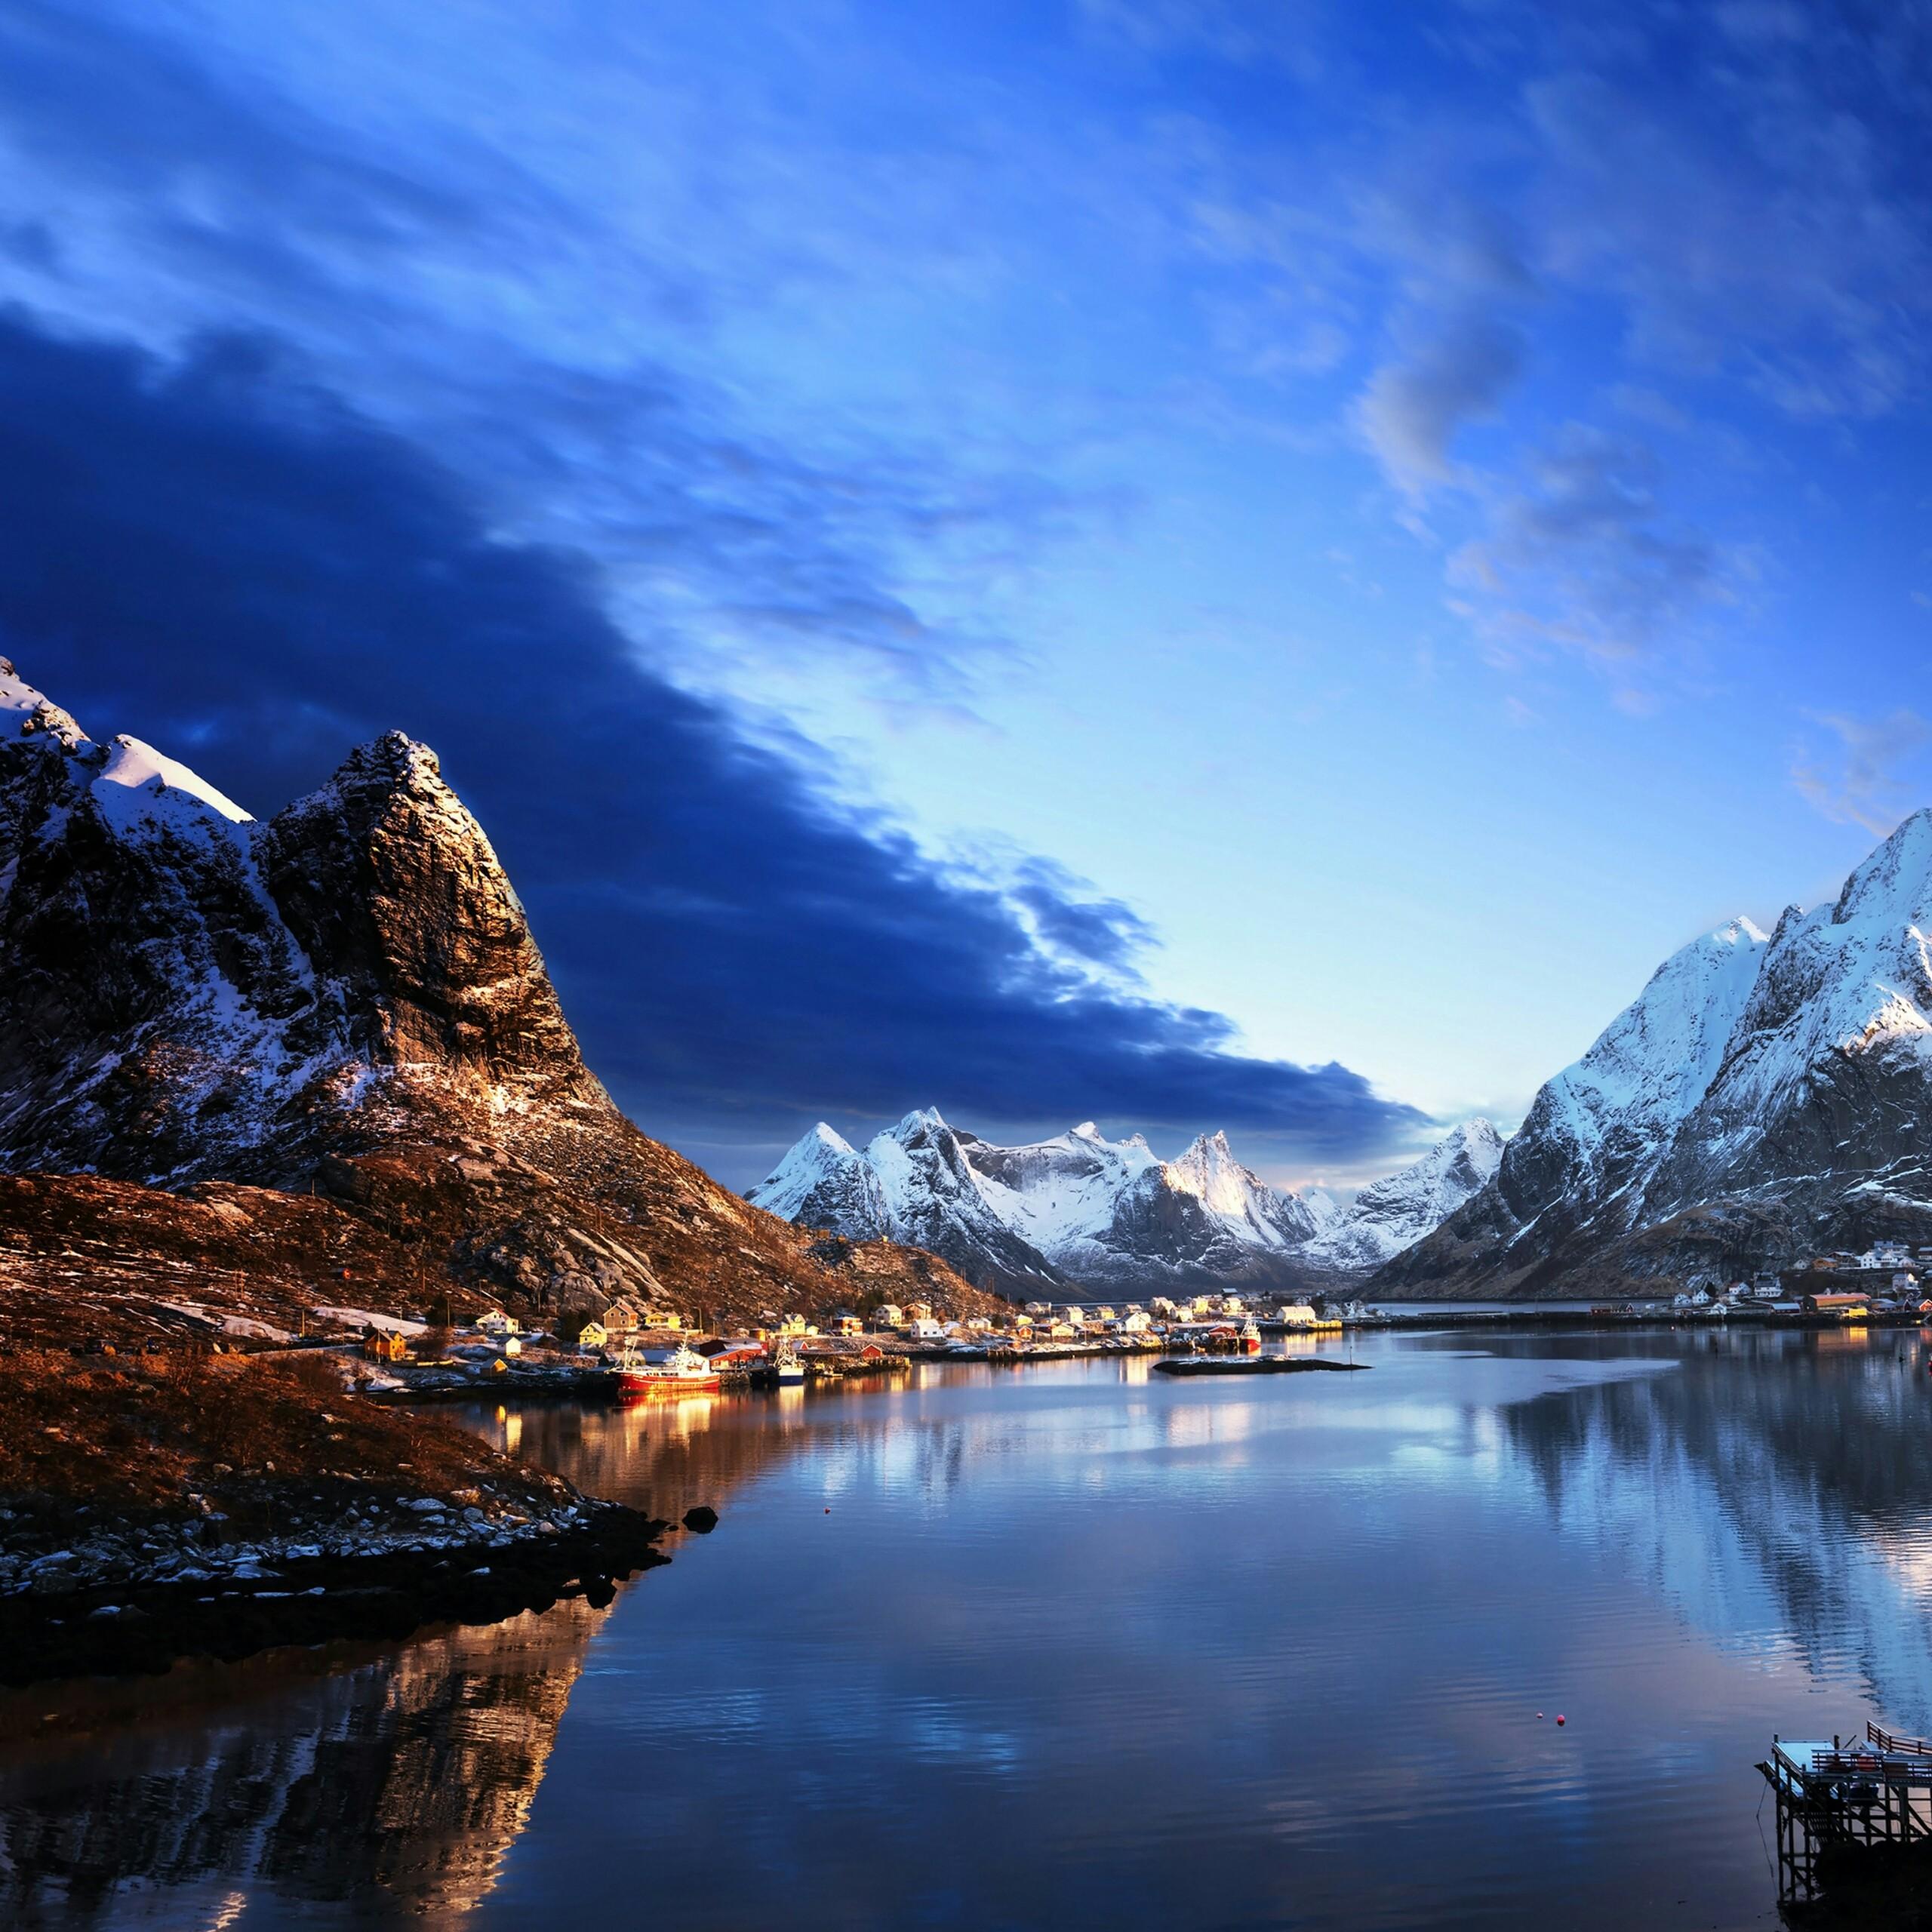 صور مناظر طبيعية خلفيات شاشة بحجم كبير عالية الدقة والوضوح